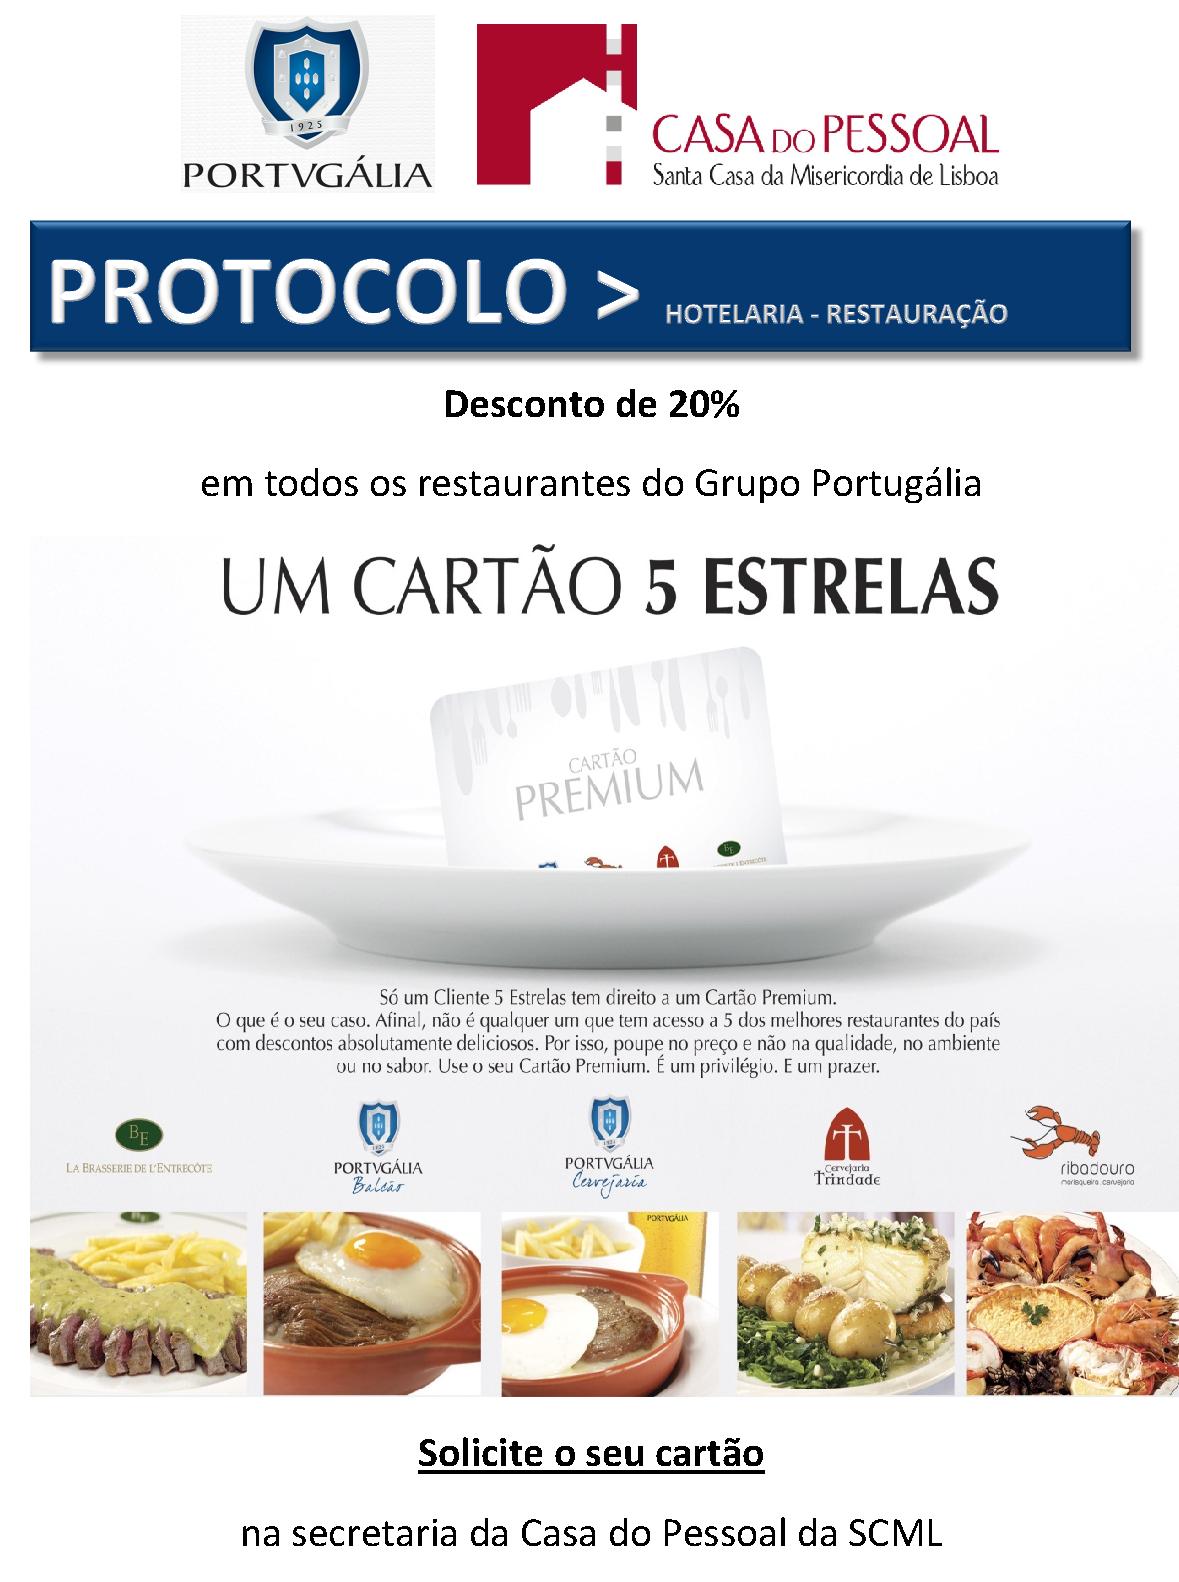 https://sites.google.com/site/casadopessoalscml/Resources/Portugalia lista rest.pdf